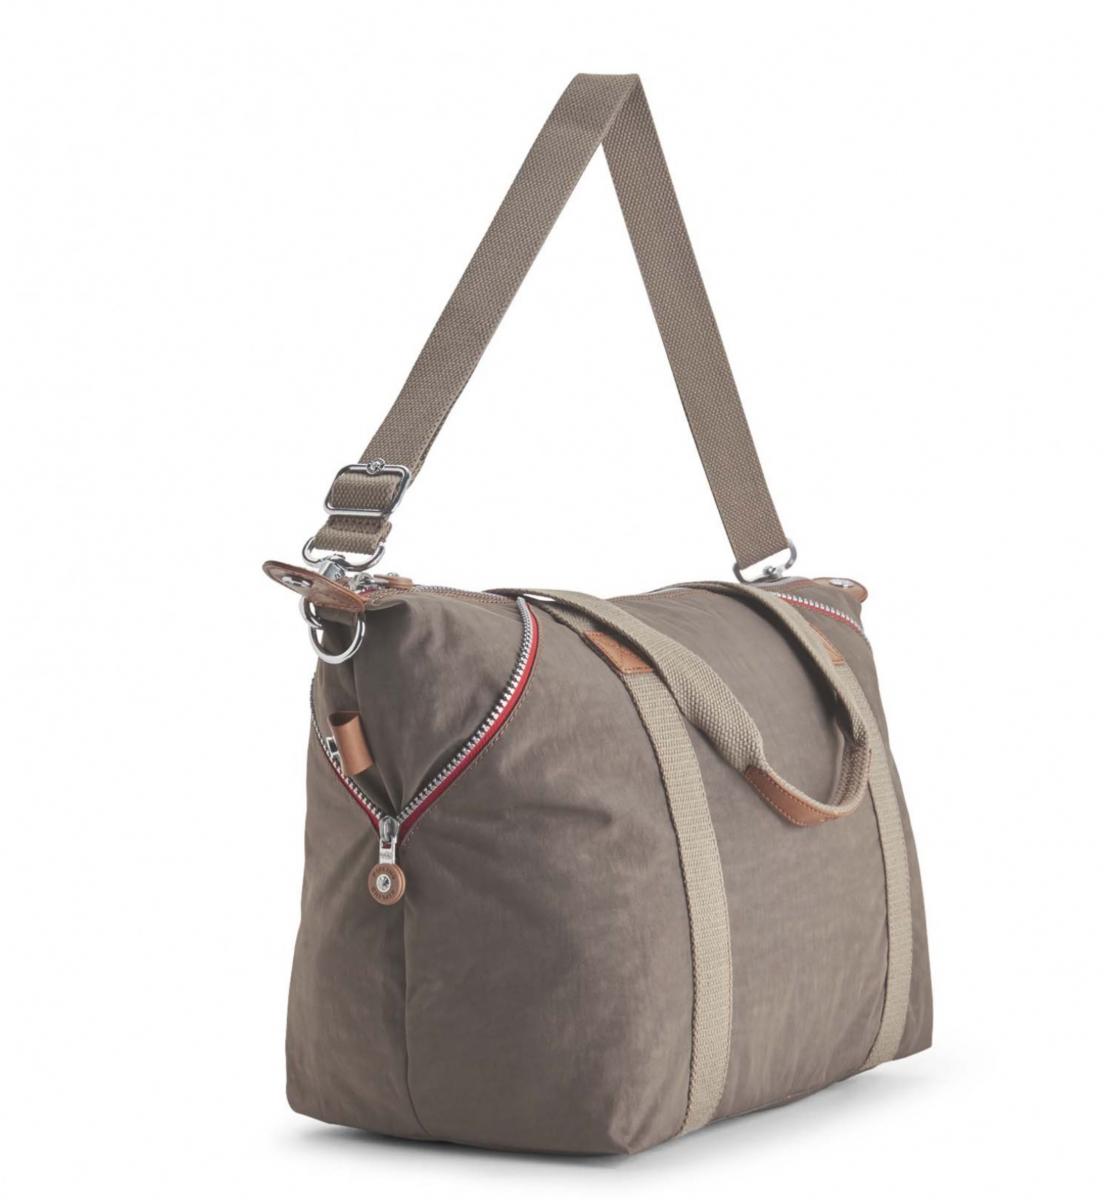 b76806ad97032 Kipling Art Large Travel Tote and Shoulder Bag True Beige C